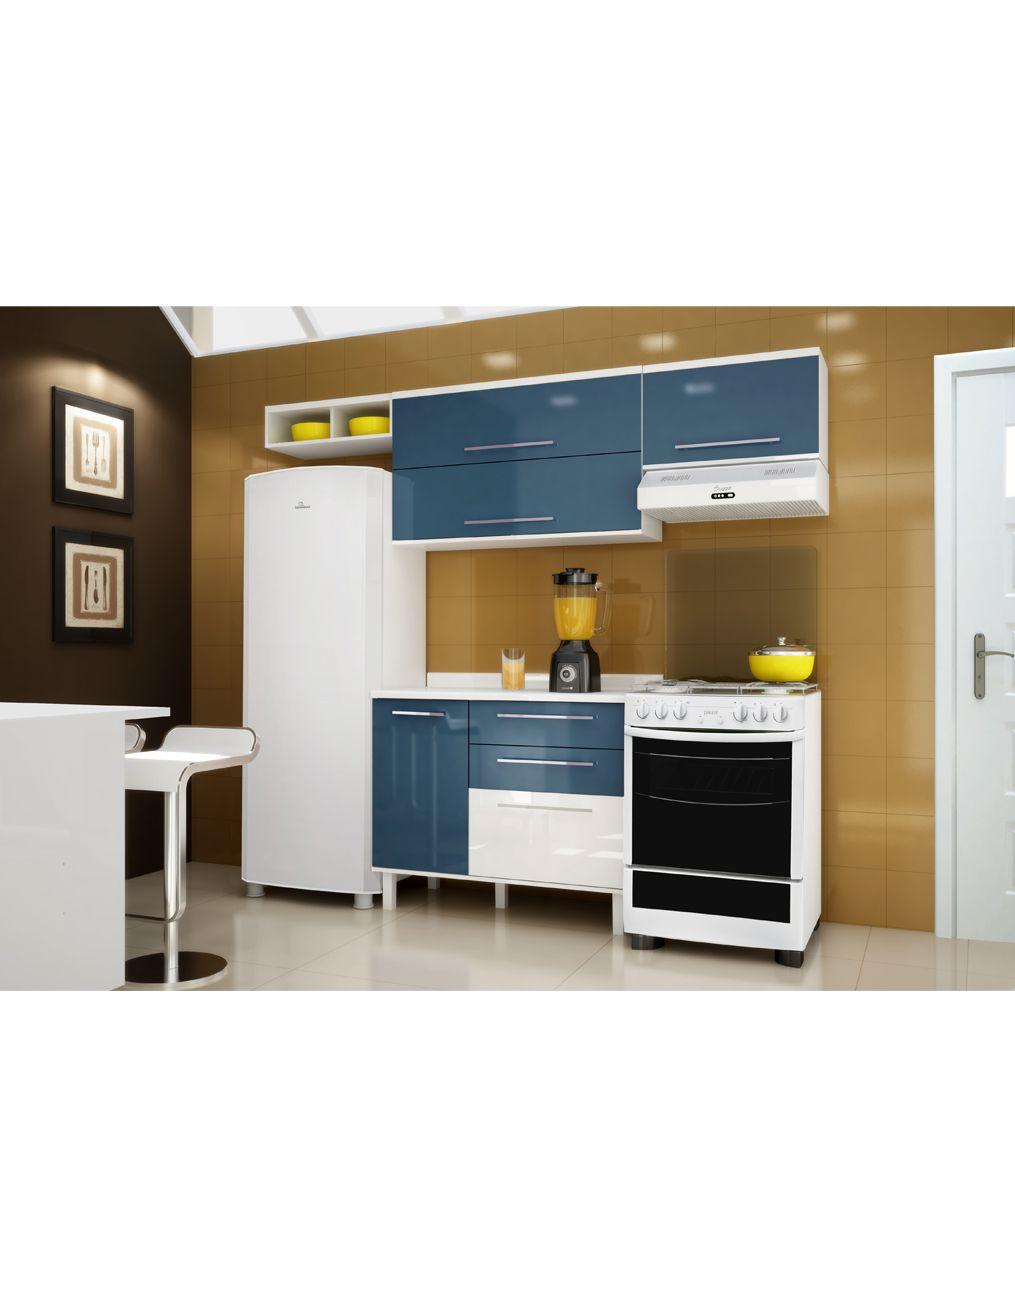 Cozinha Compacta M Veis Palmeira T Mara 02 Branco Azul Apartamento